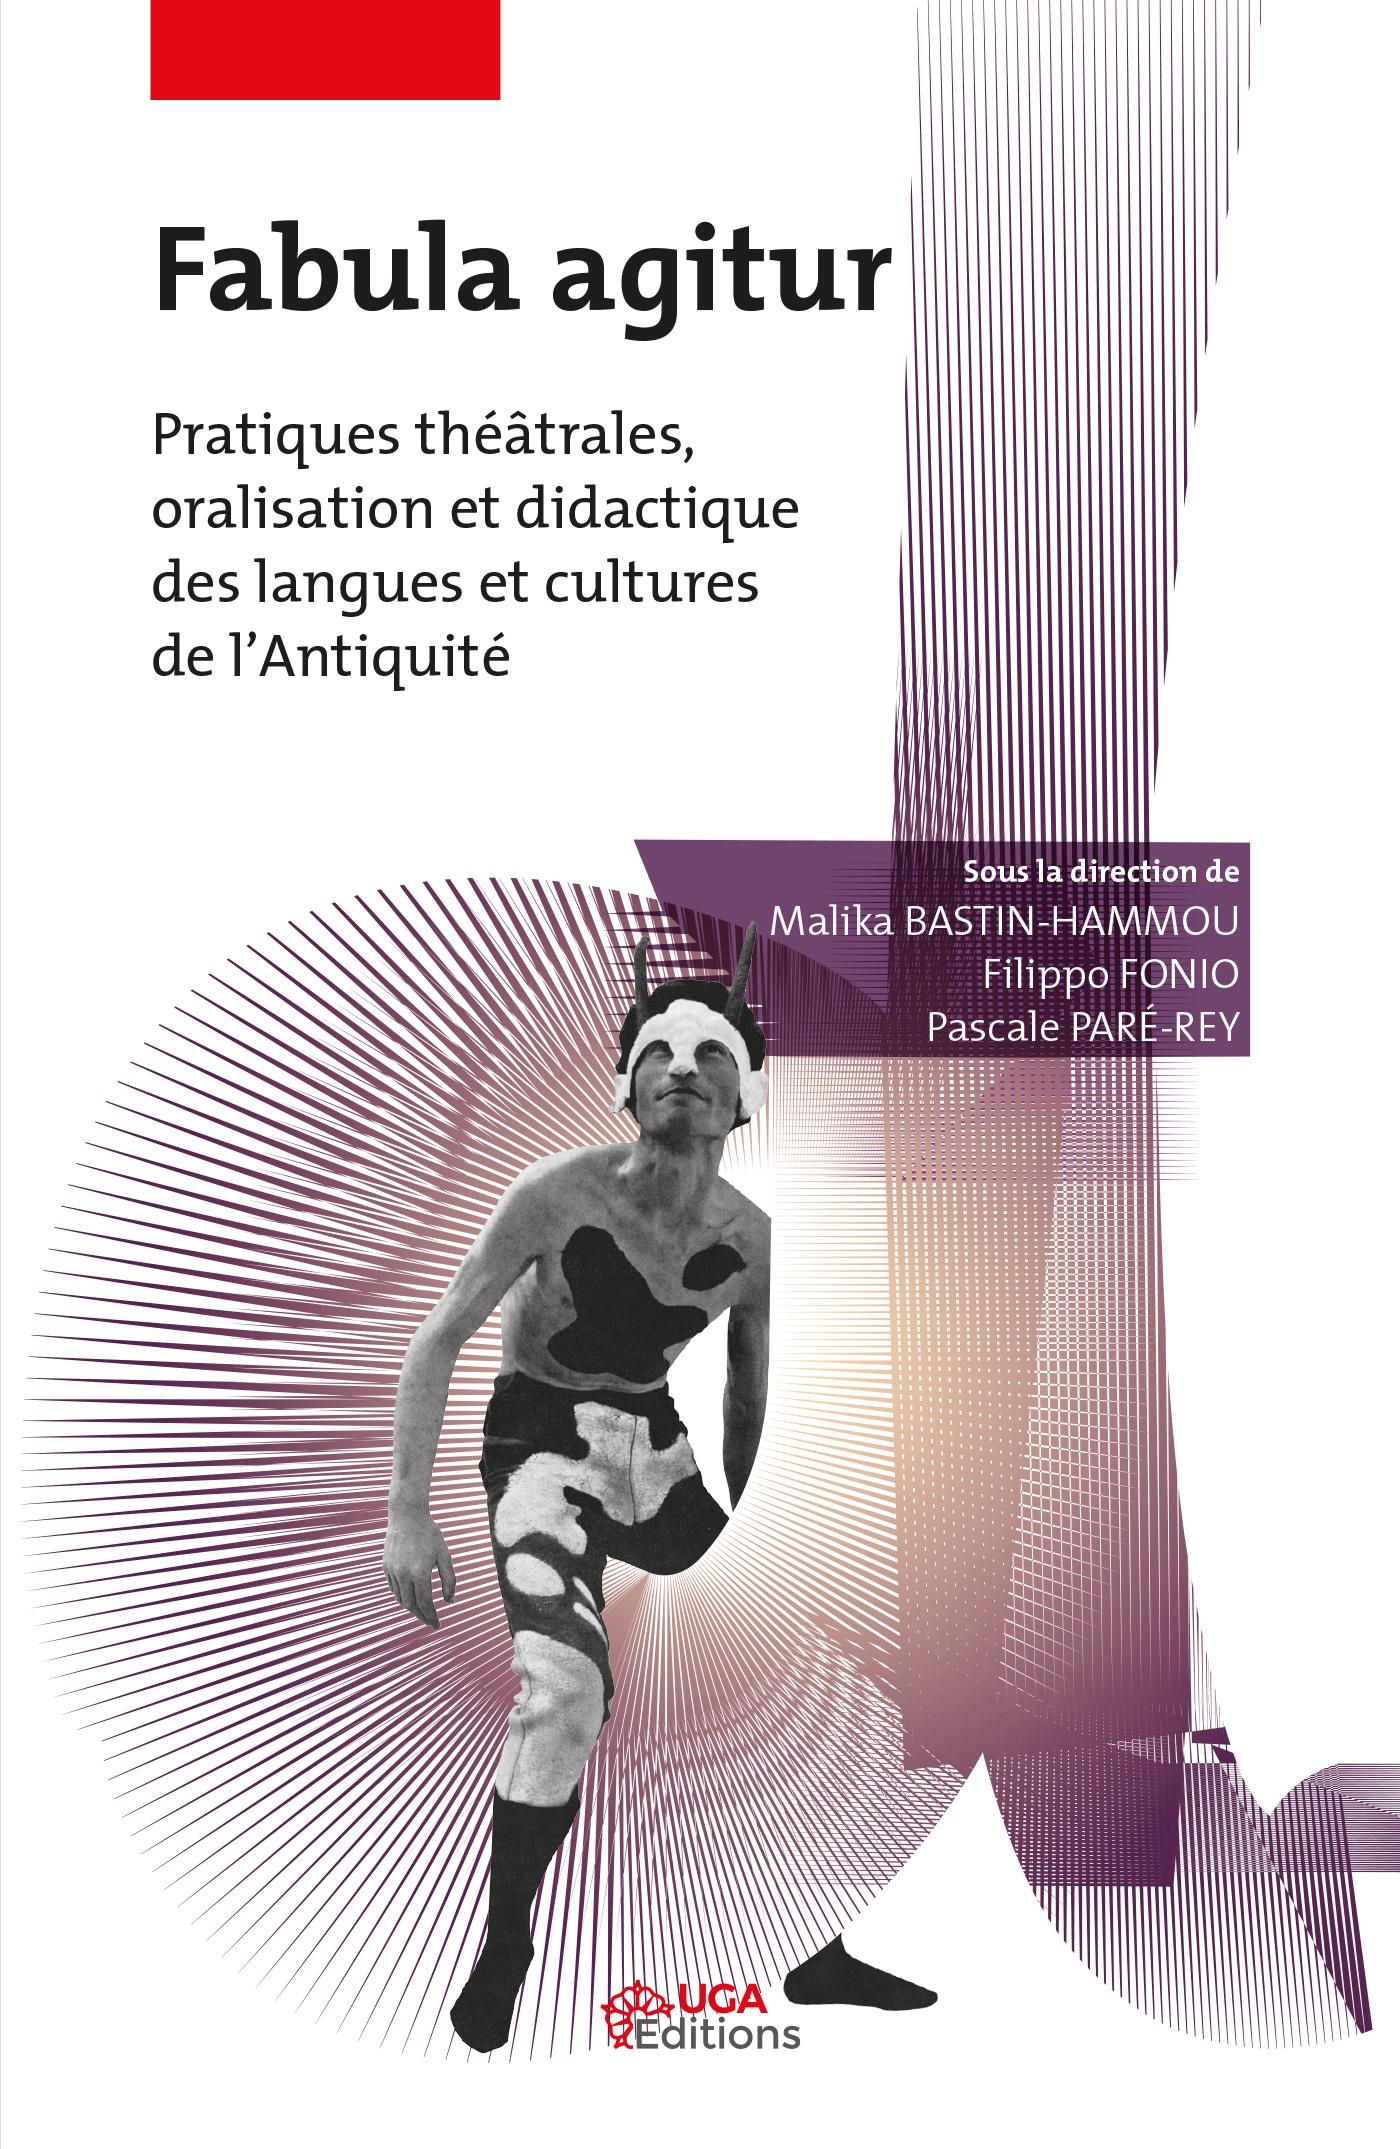 M. Bastin-Hammou,  F. Fonio,  P. Paré-Rey, Fabula agitur. Pratiques théâtrales, oralisation et didactique des langues et cultures de l'Antiquité